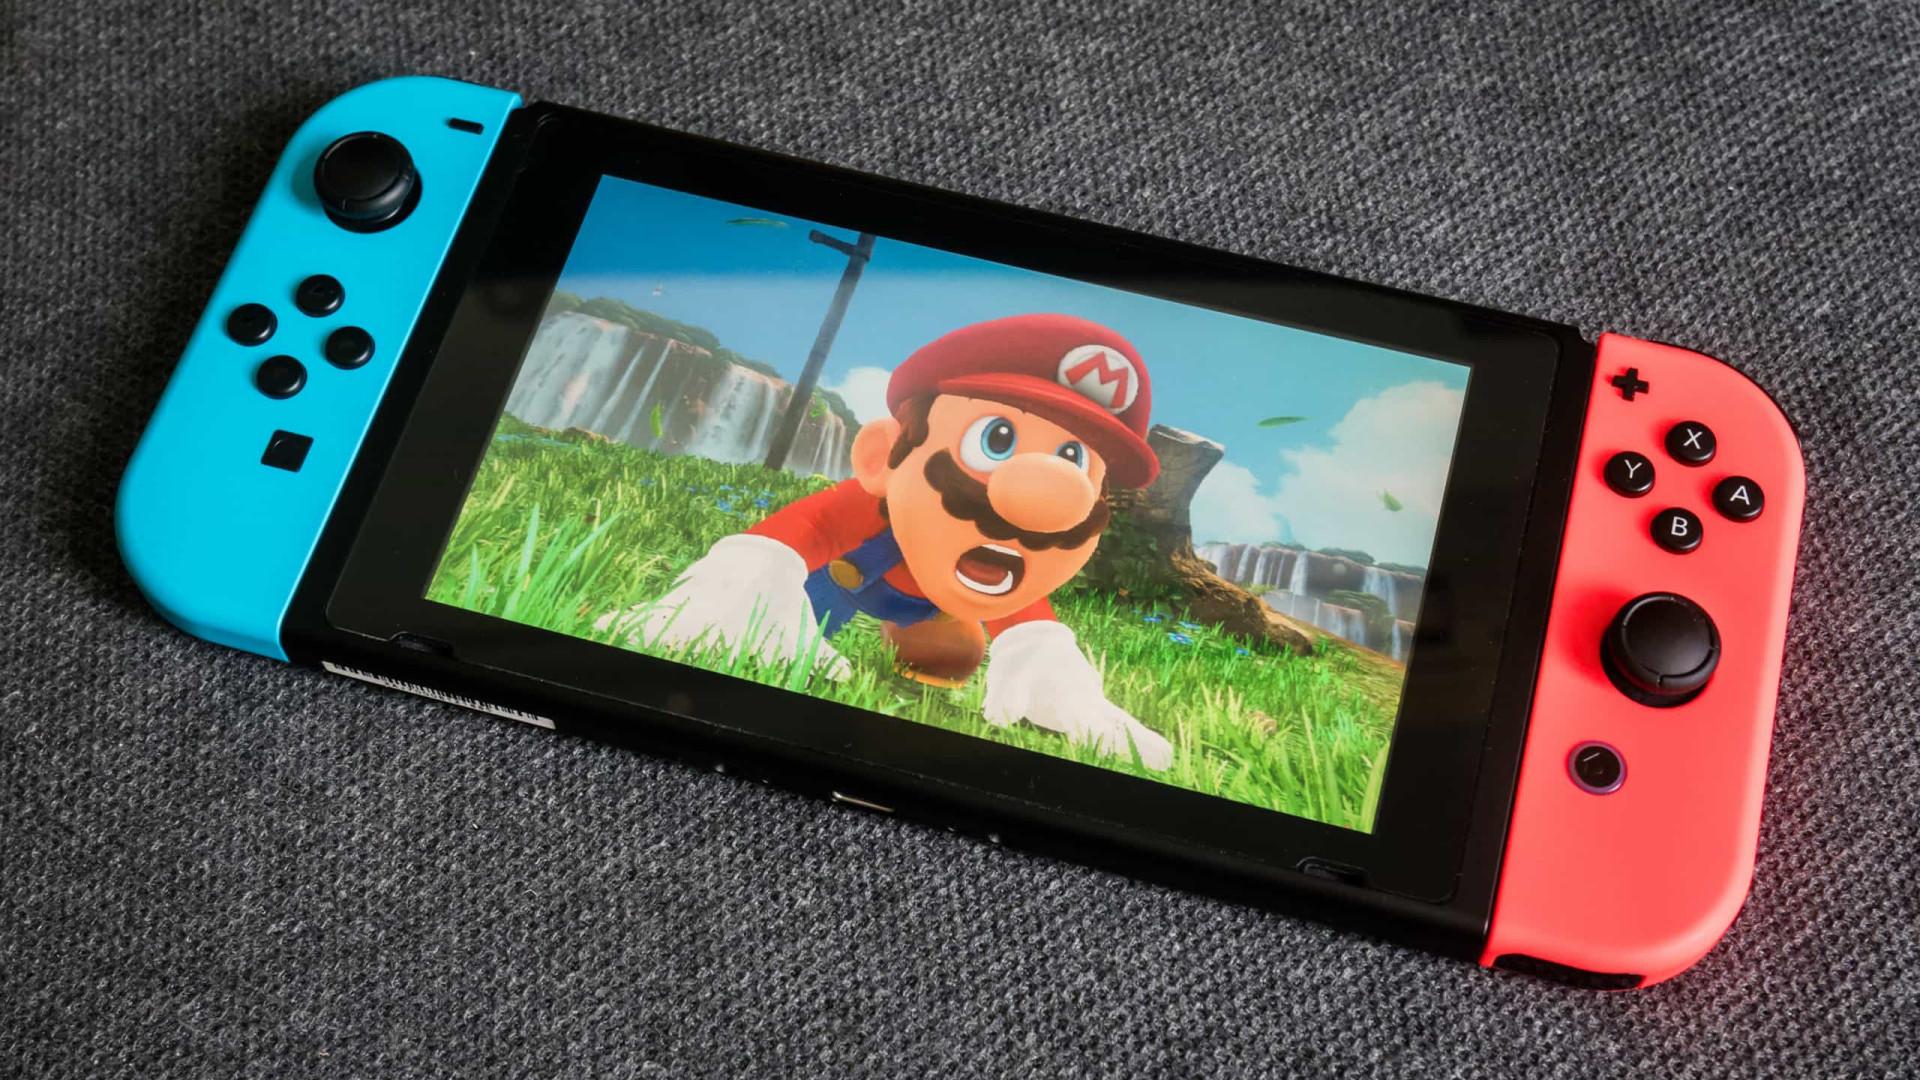 Produção da Nintendo Switch pode ser afetada por escassez de componentes